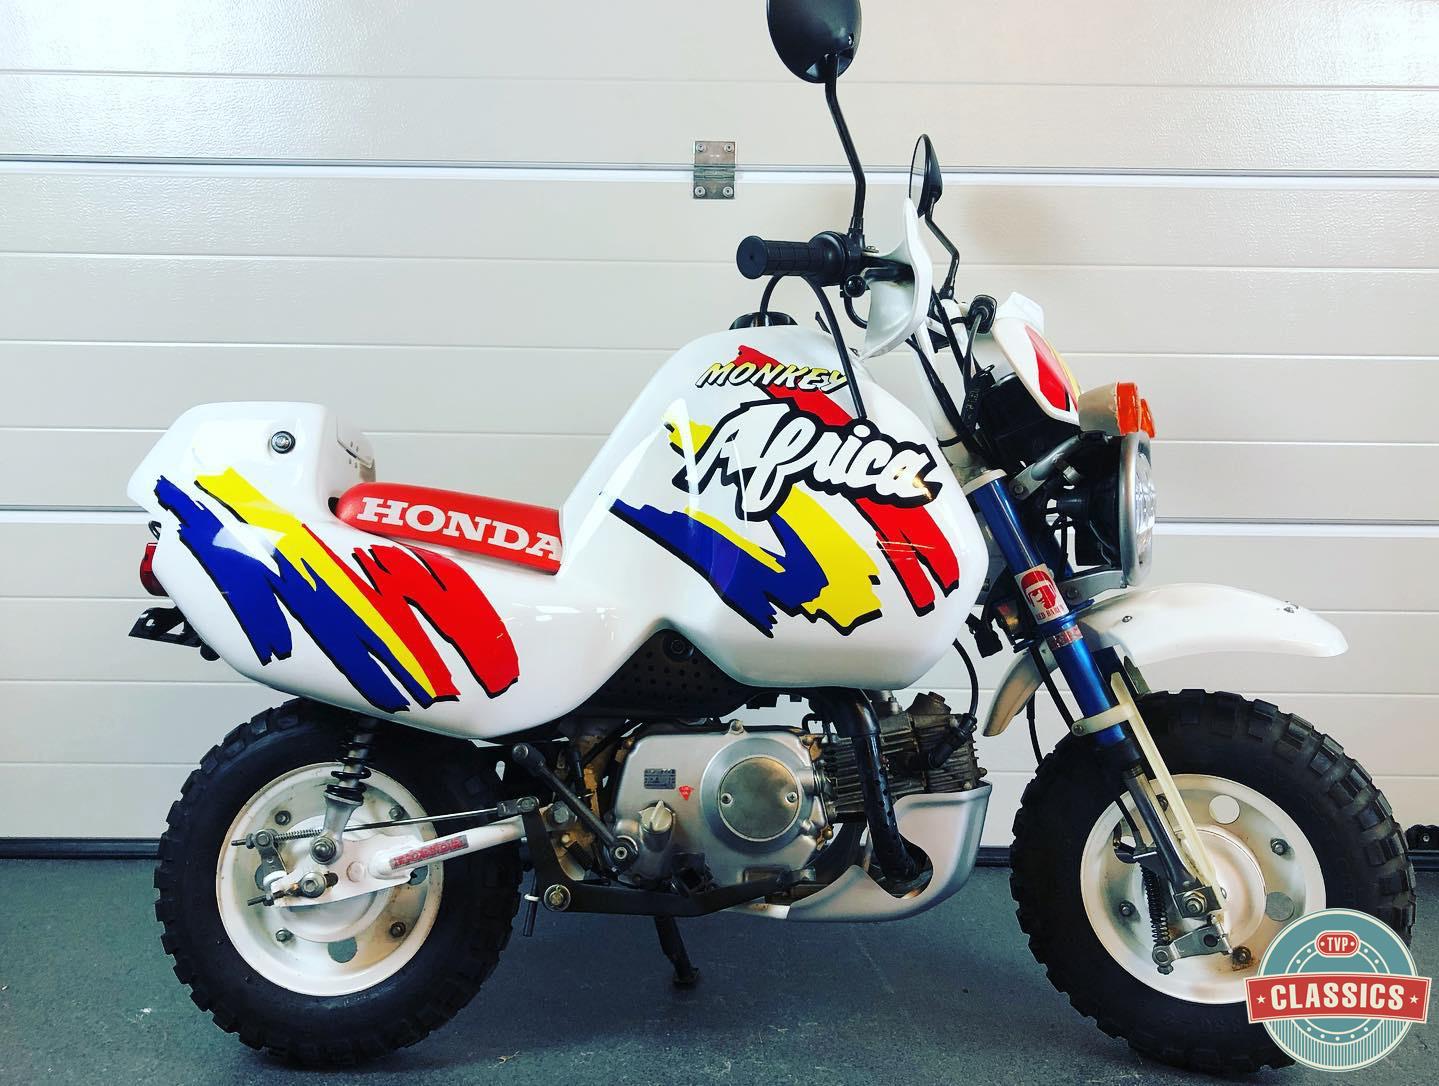 Le Honda Monkey Baja Africa de TVP Classics - mini4temps.fr